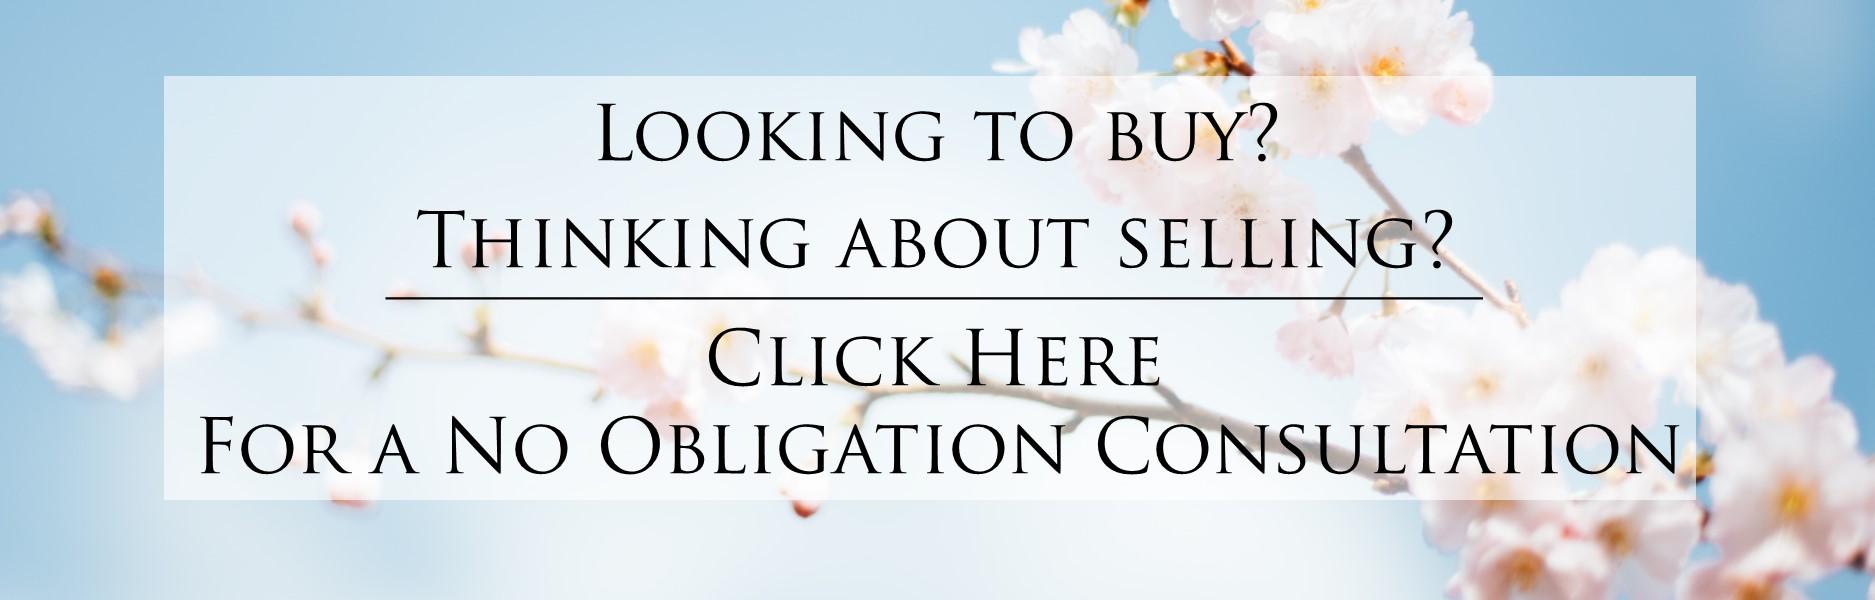 No Obligation Consultation_Spring